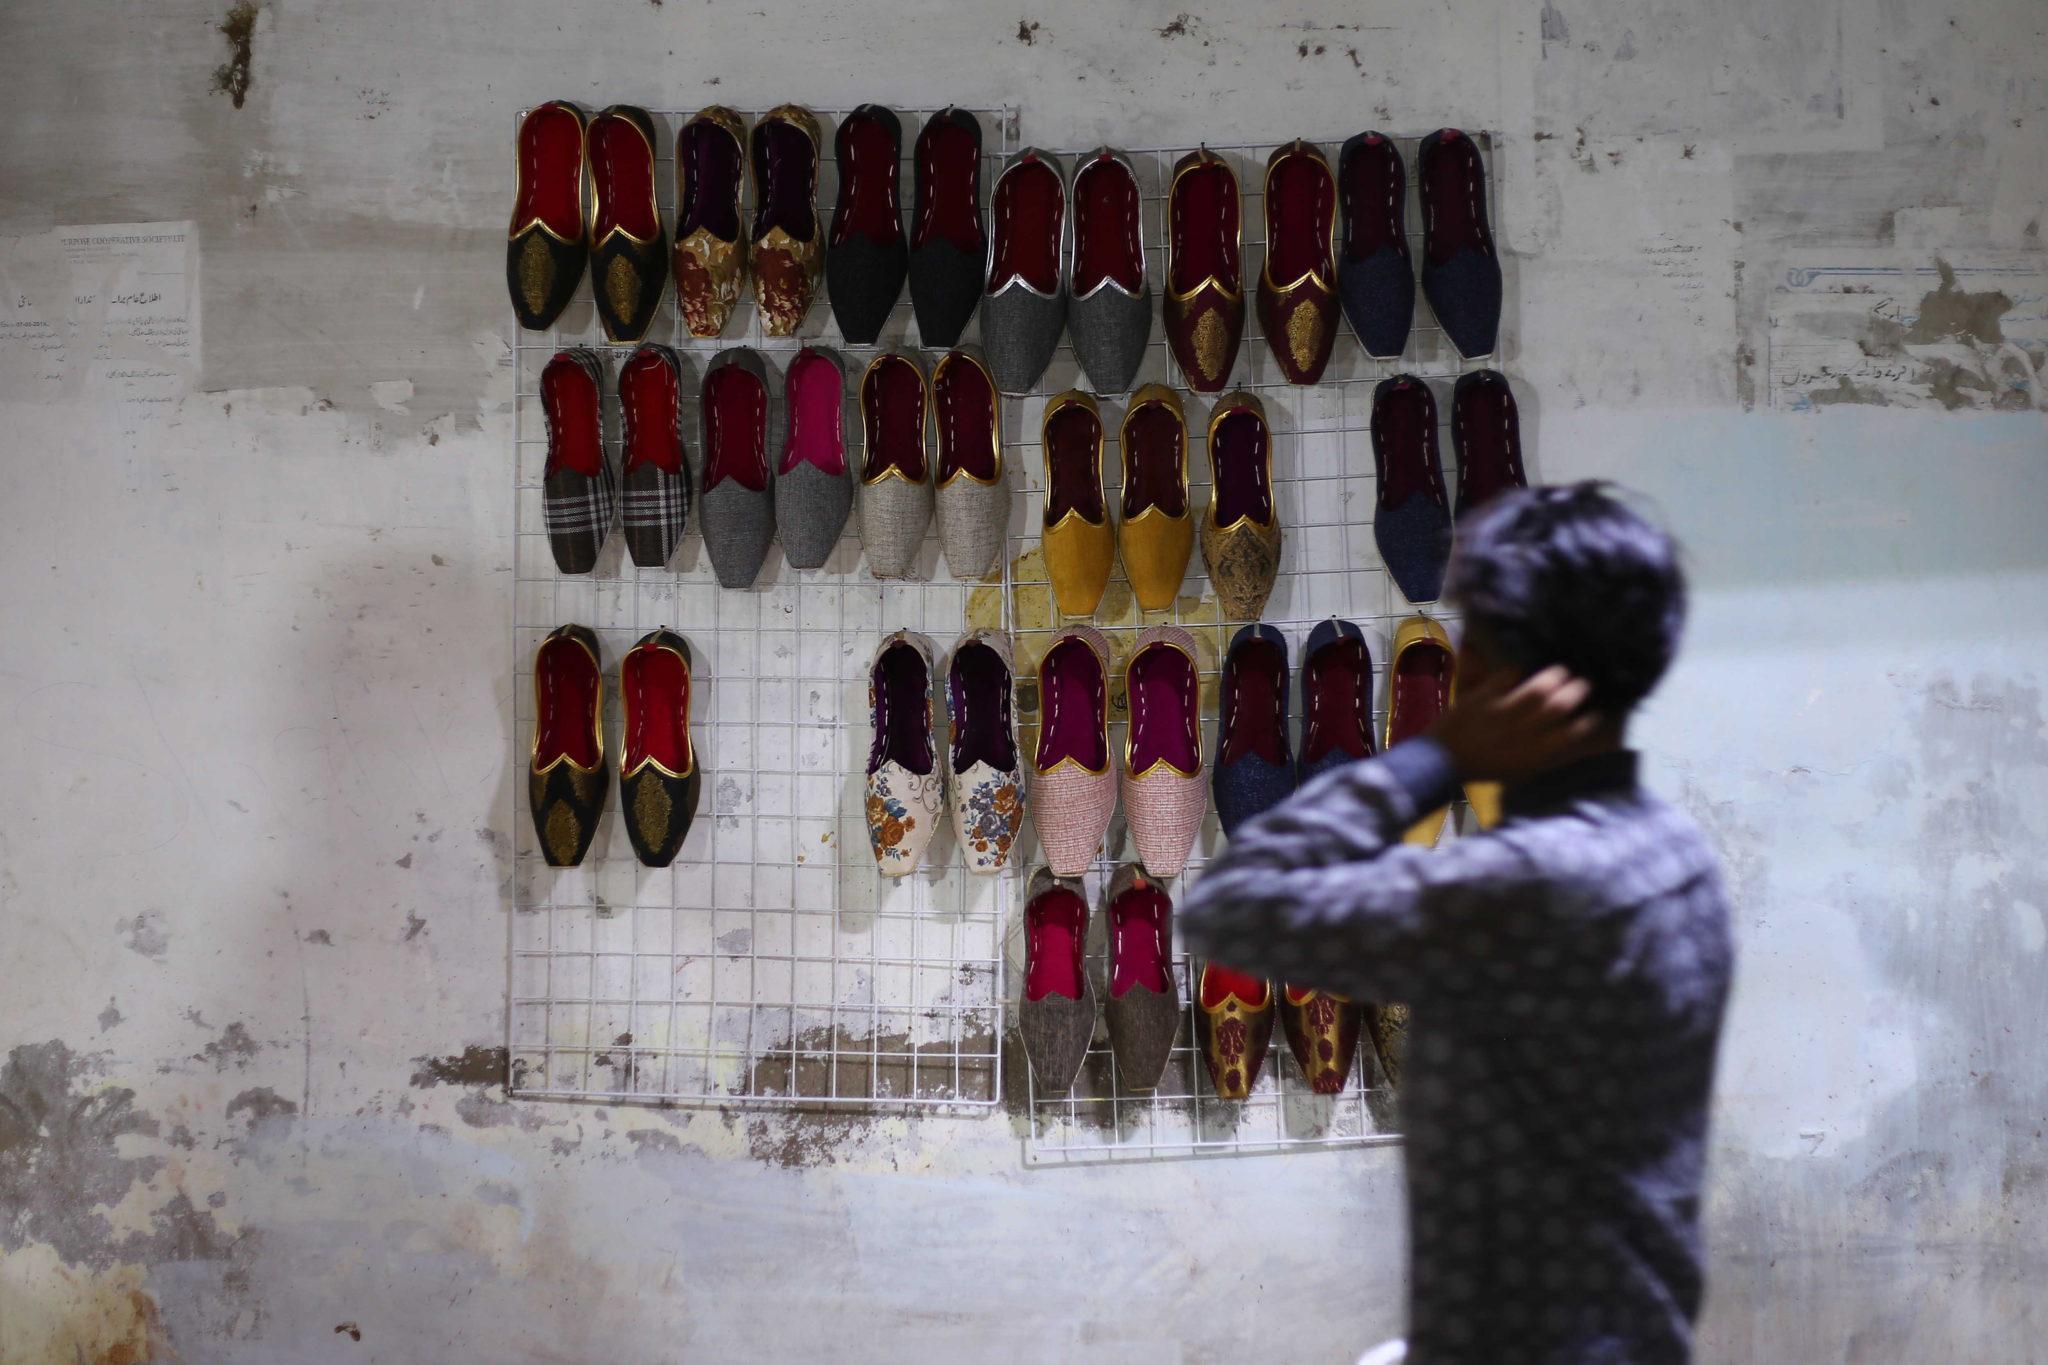 Pakistański szewc przygotowuje tradycyjne buty przed festiwalem Eid al-Fitr, kończącym święty miesiąc postu Ramadanu, w Karaczi, fot. SHAHZAIB AKBER, PAP EPA